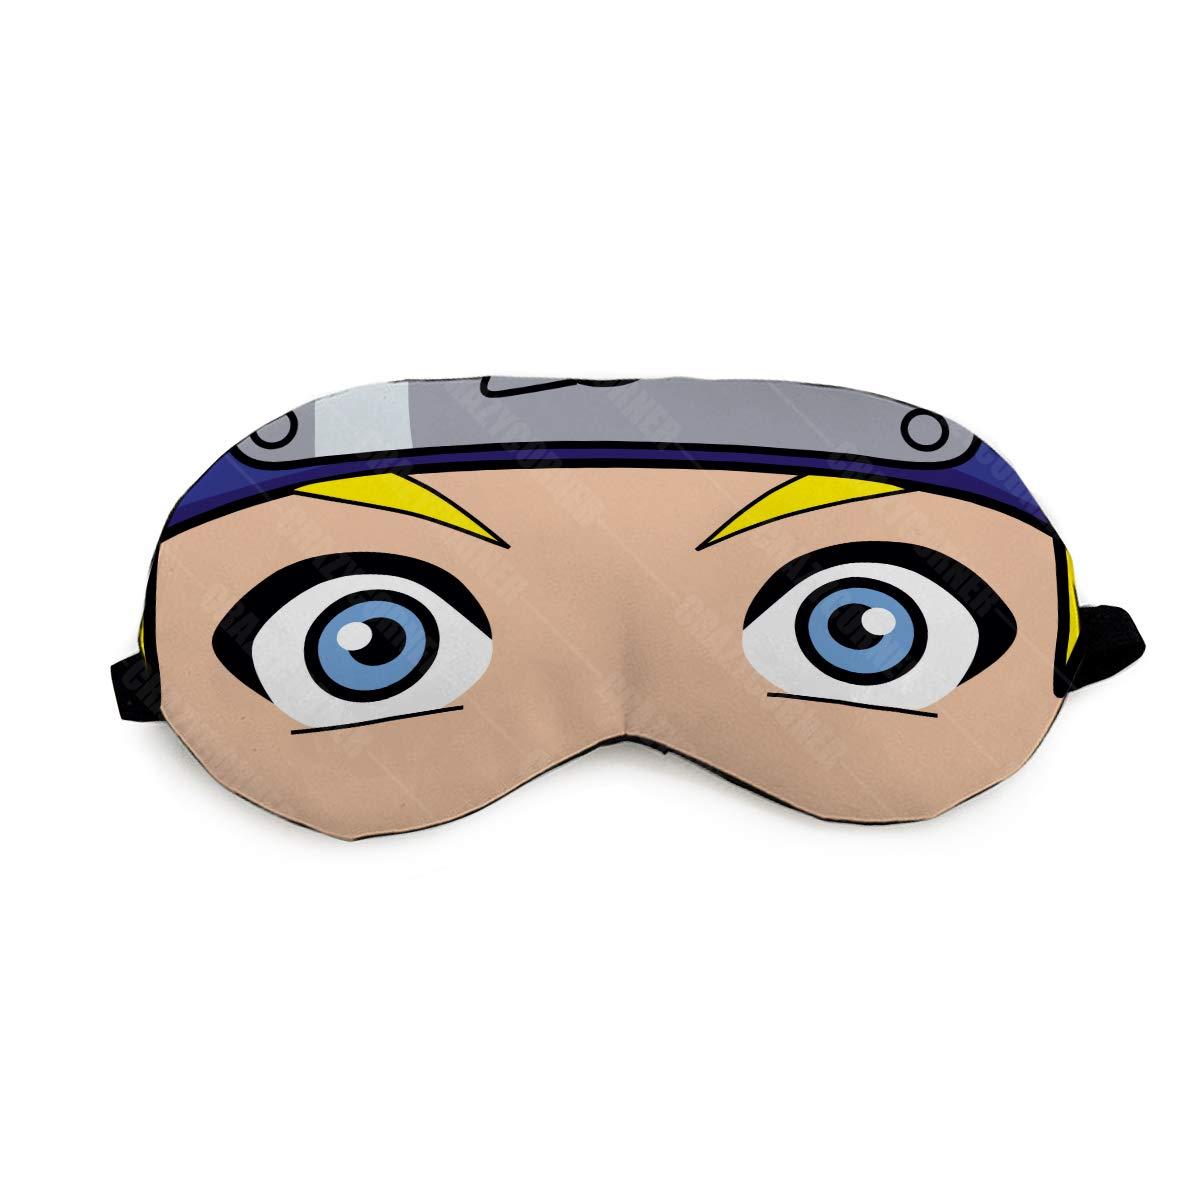 Naruto Anime Printed Eye Mask/Sleep Mask Merch